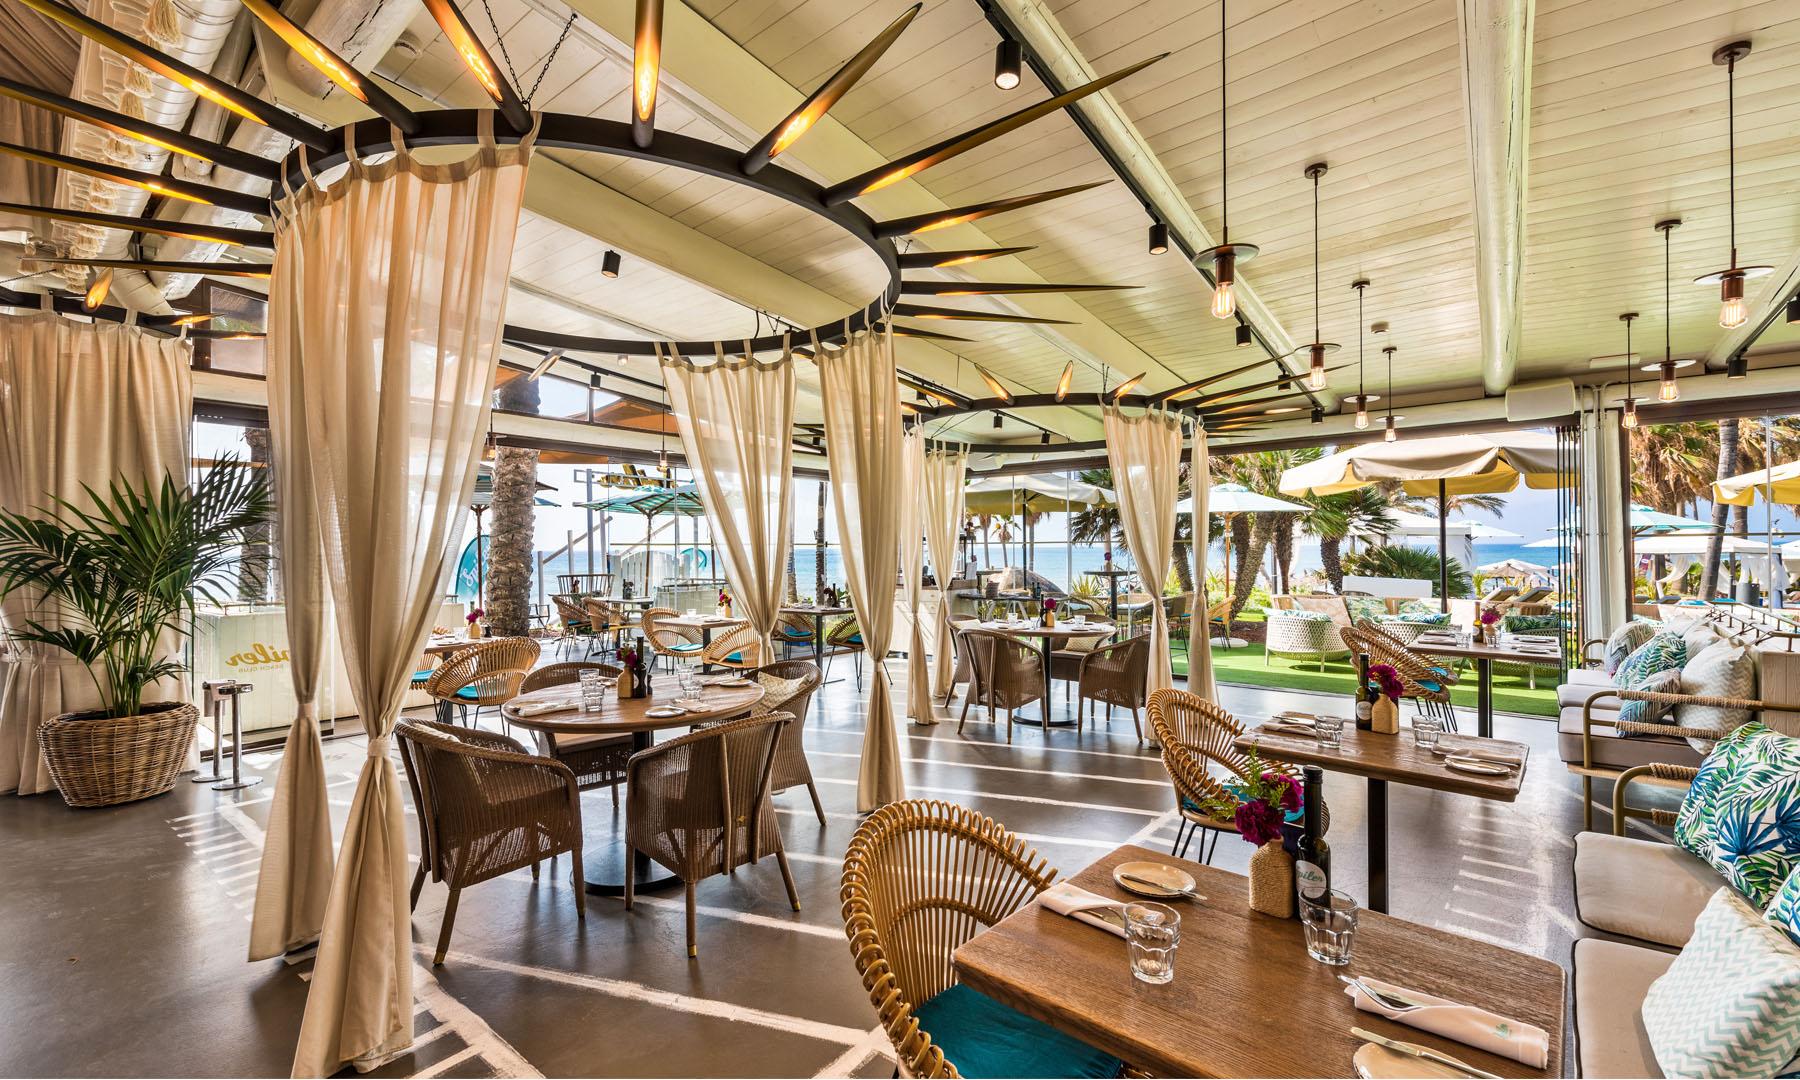 SPILER BEACH CLUB HOTEL KEMPINSKI – Constructores en Marbella B.SOLÍS